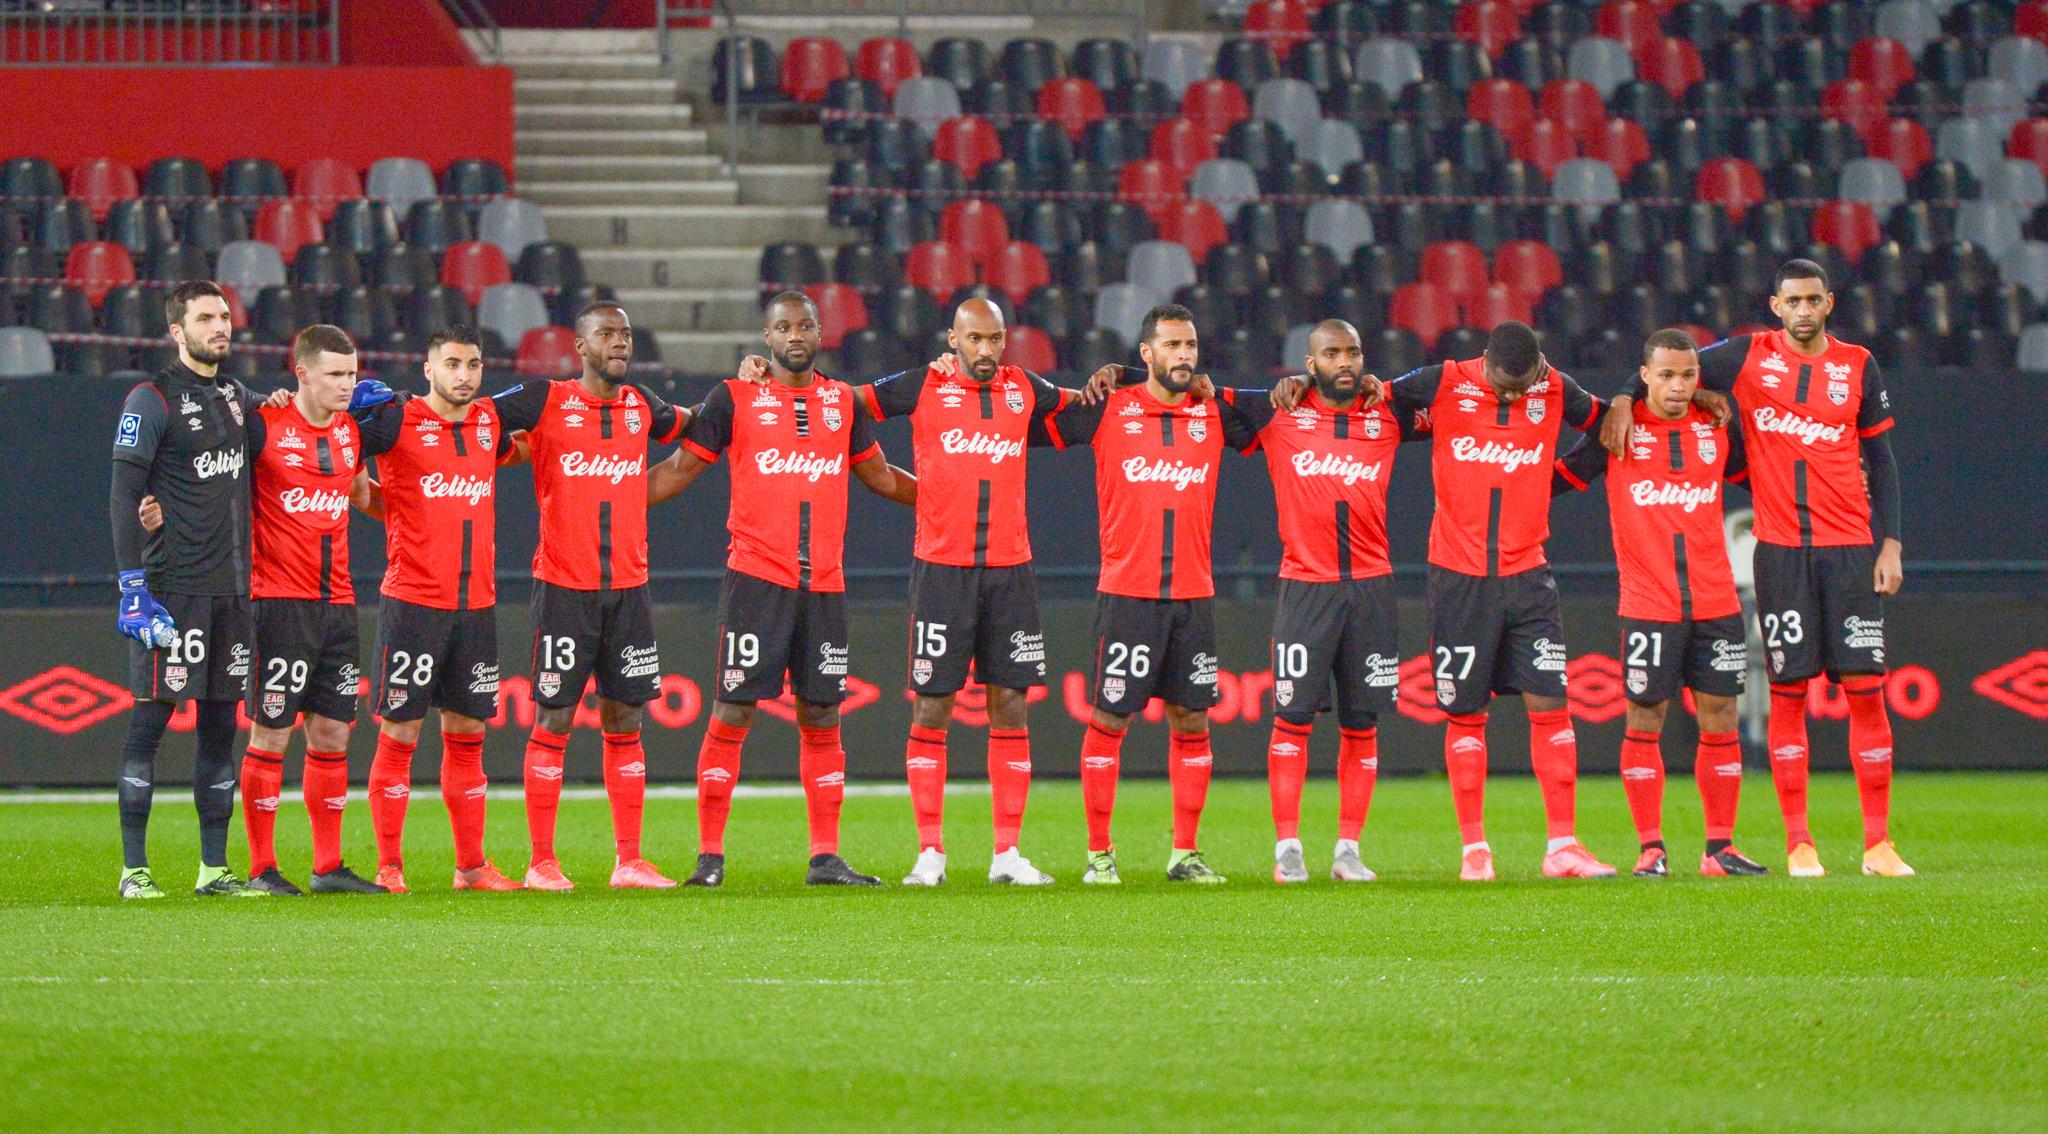 4 EA Guingamp SM Caen 2-2 Ligue 2 BKT Journée 26 2020-21 22 02 2021 EAGSMC